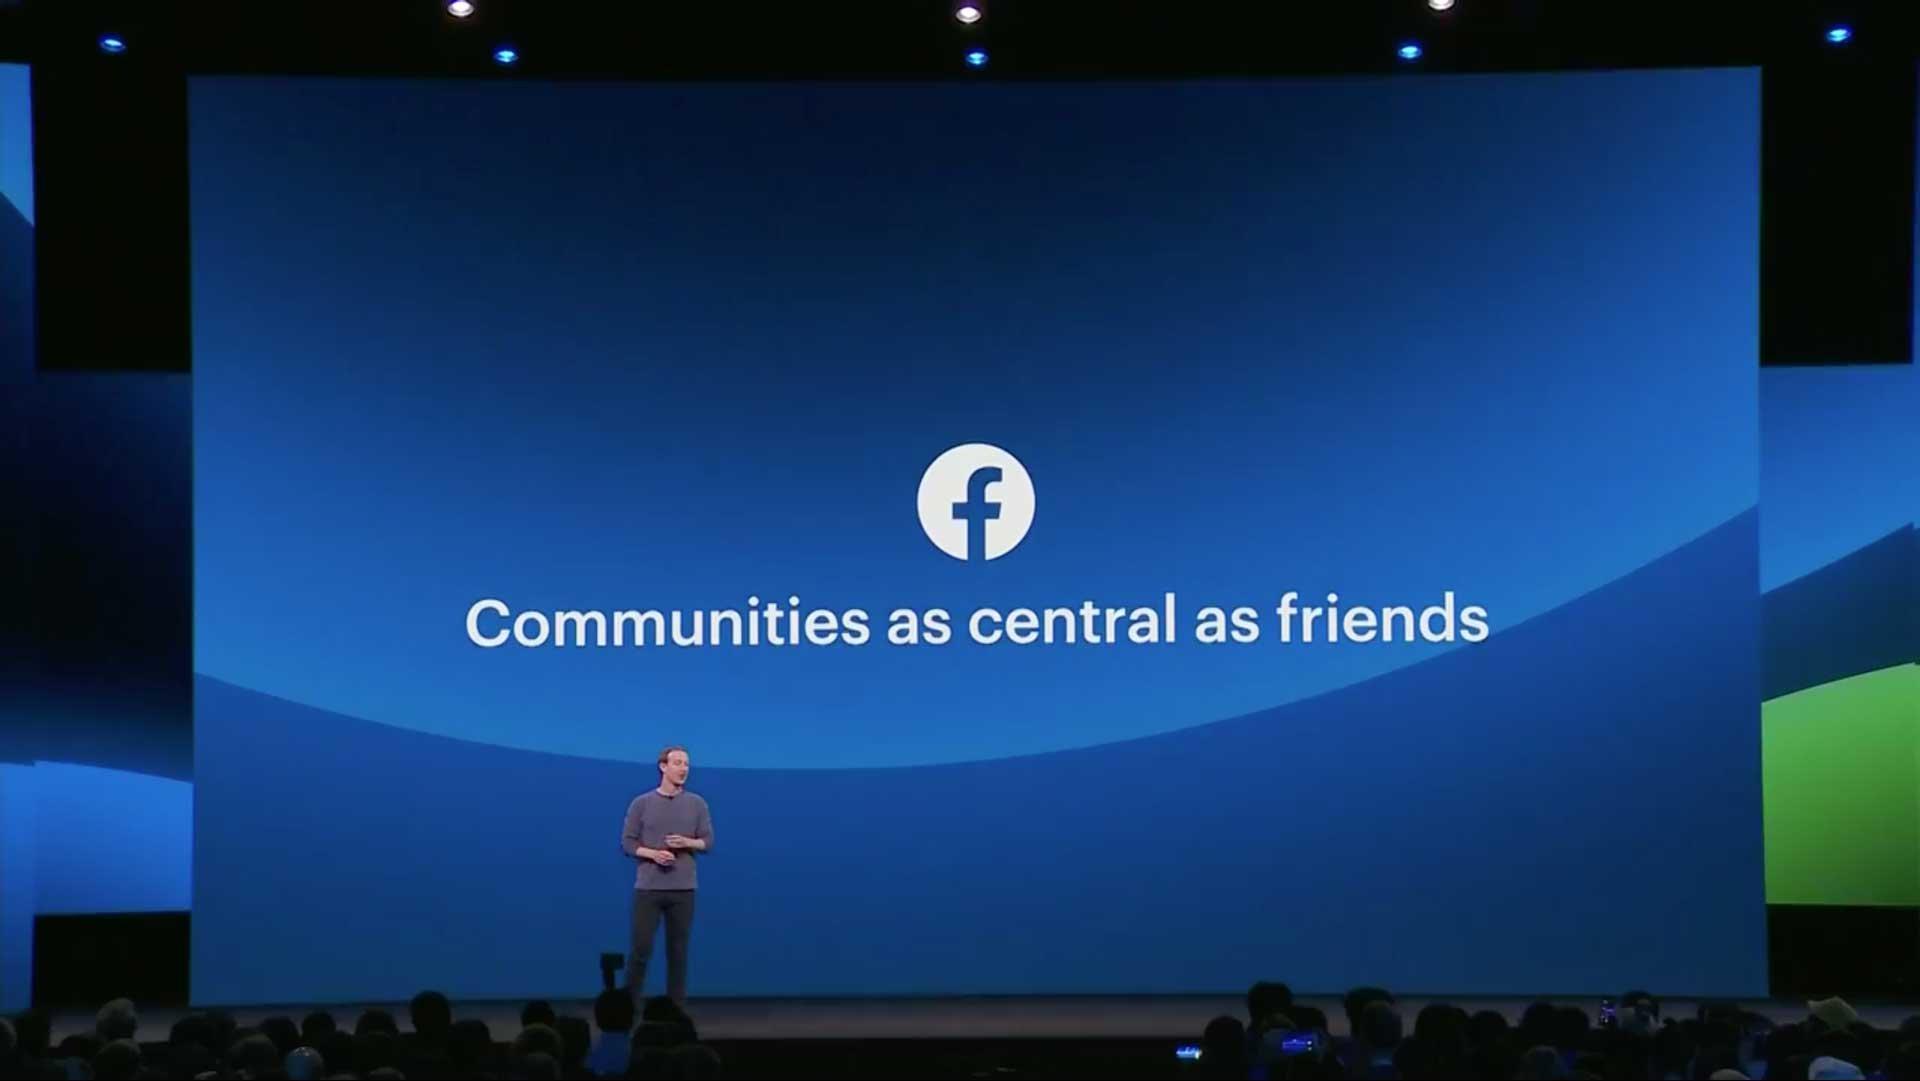 F82019 Facebook